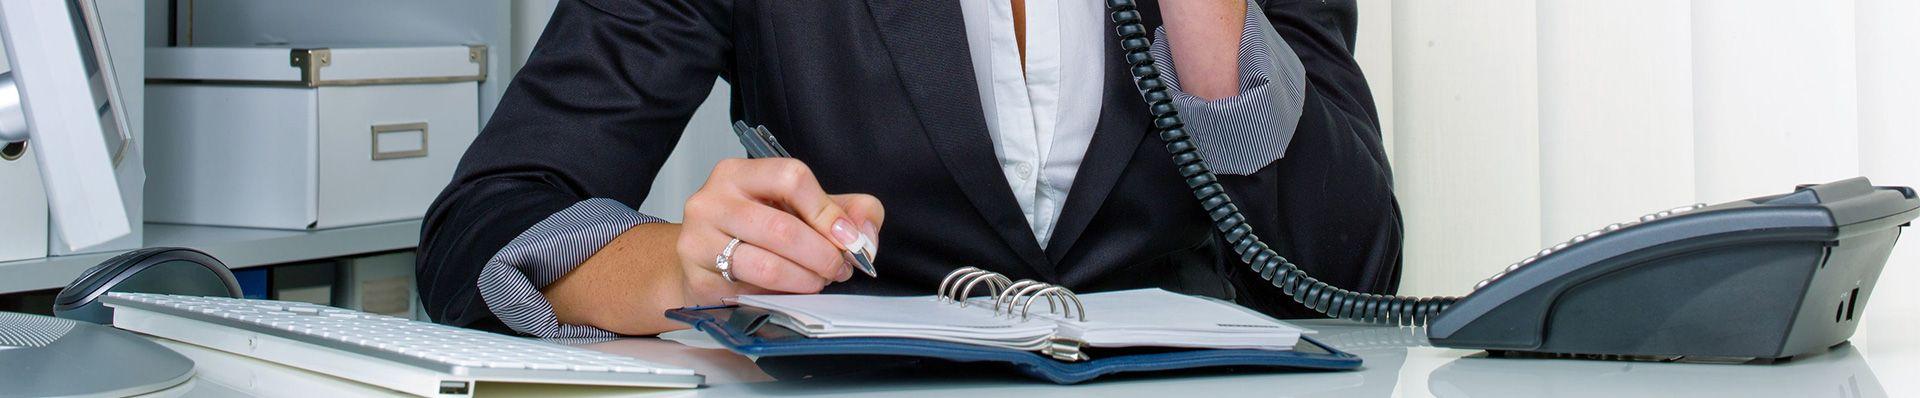 441e0fb57fd Vous souhaitez bénéficier d une consultation juridique en ligne   Profitez  des divers services juridiques en ligne prodigués par des experts en droit